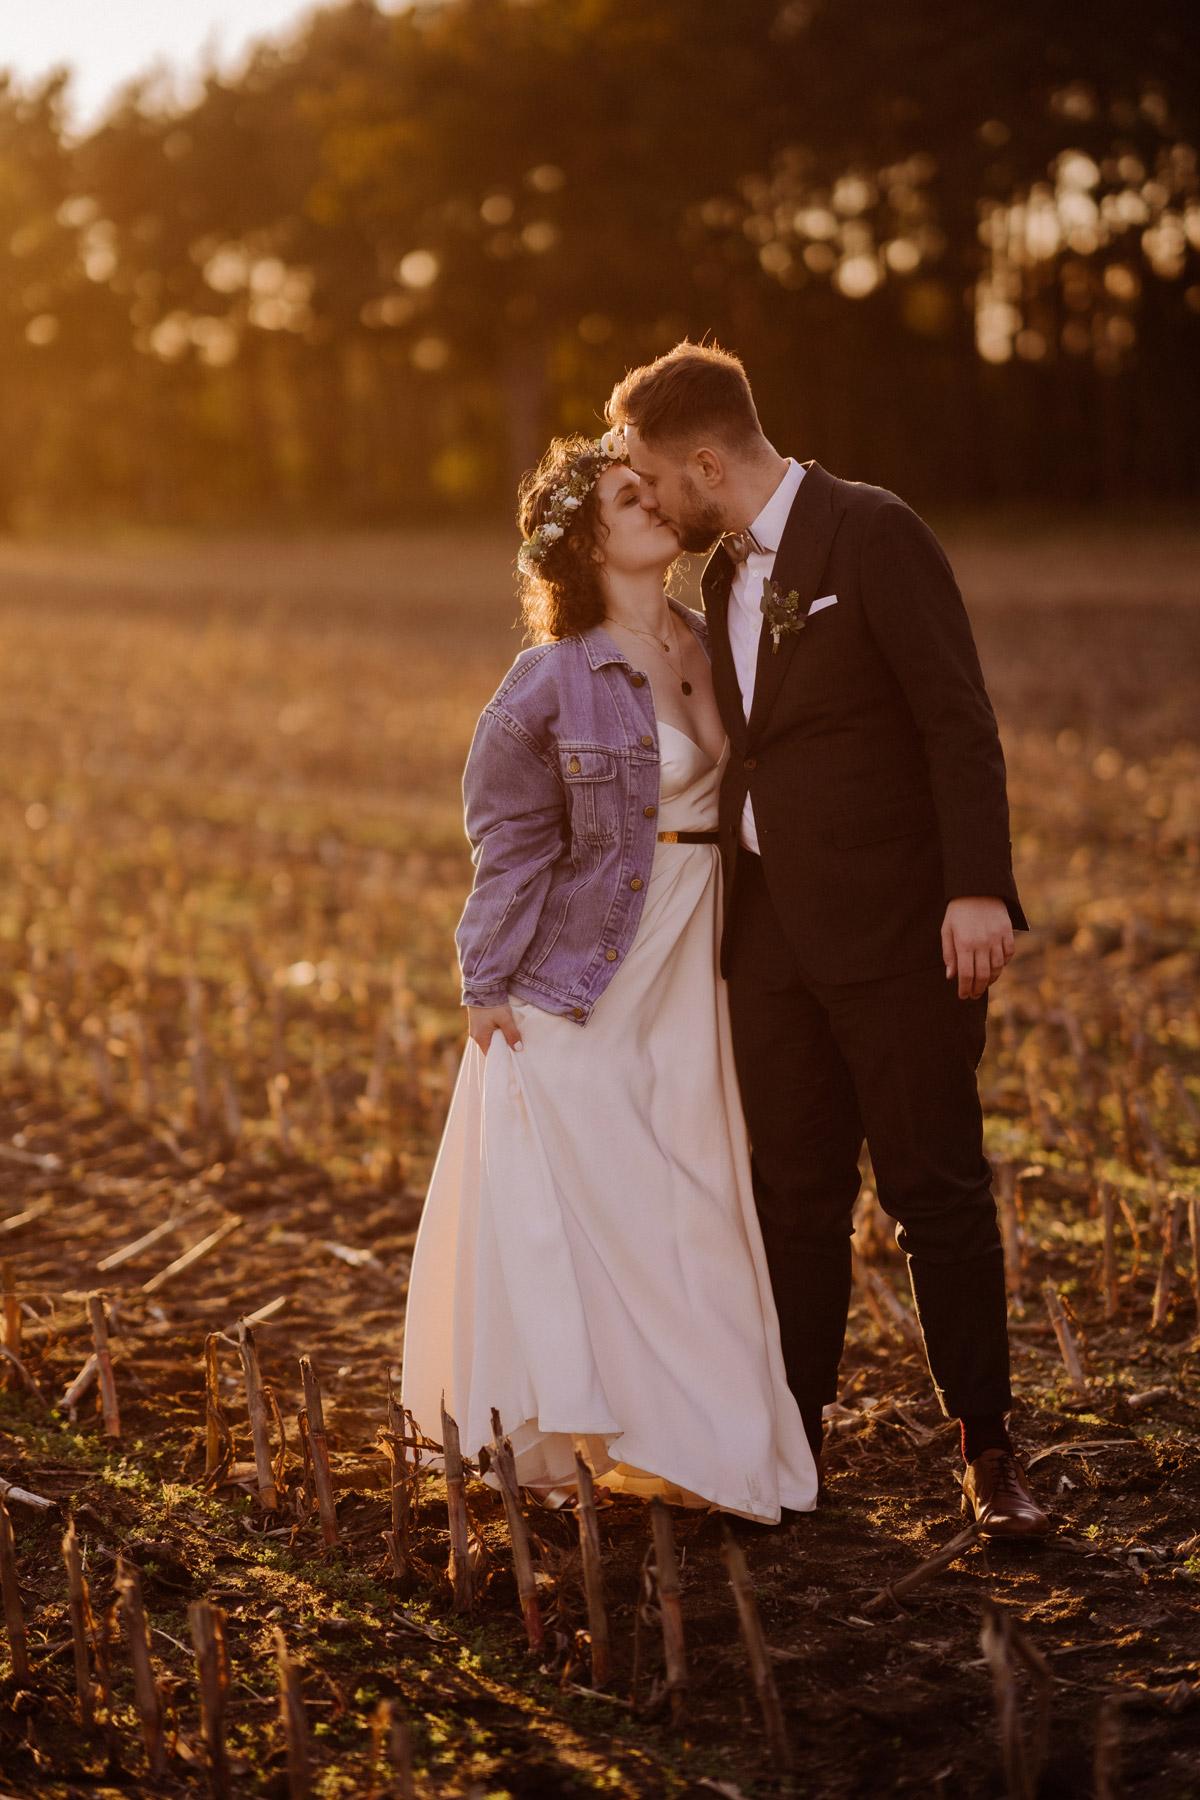 Hochzeitspaar Shooting Sonnenuntergang Feld #Hochzeitsfoto Tipp: küsst euch im Gehen für natürliche Hochzeitsbilder von Hochzeitsfotograf Berlin © www.hochzeitslicht.de #hochzeitslicht #Brautpaarshooting #Hochzeitsfotos